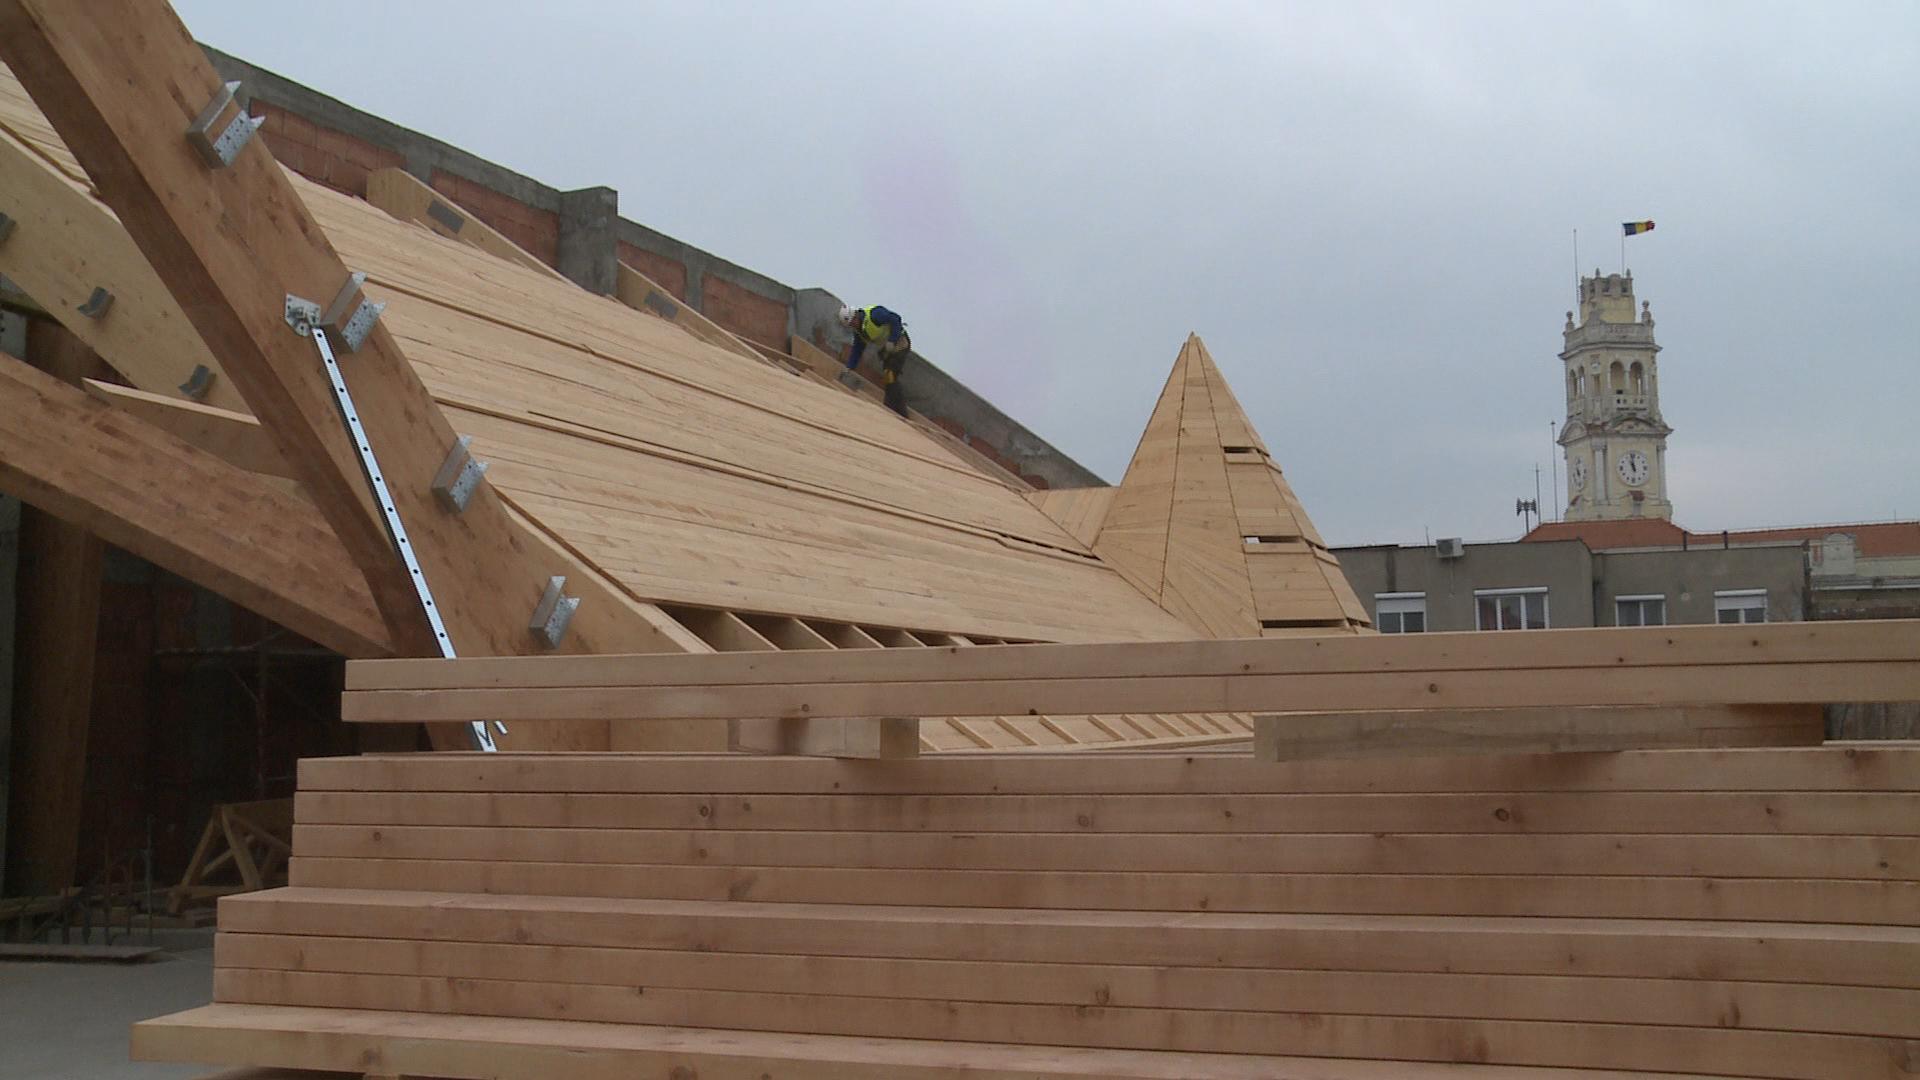 Lucrari avansate la acoperisul Palatului Episcopal Greco-Catolic din Oradea, o investitie de 8 milioane de lei